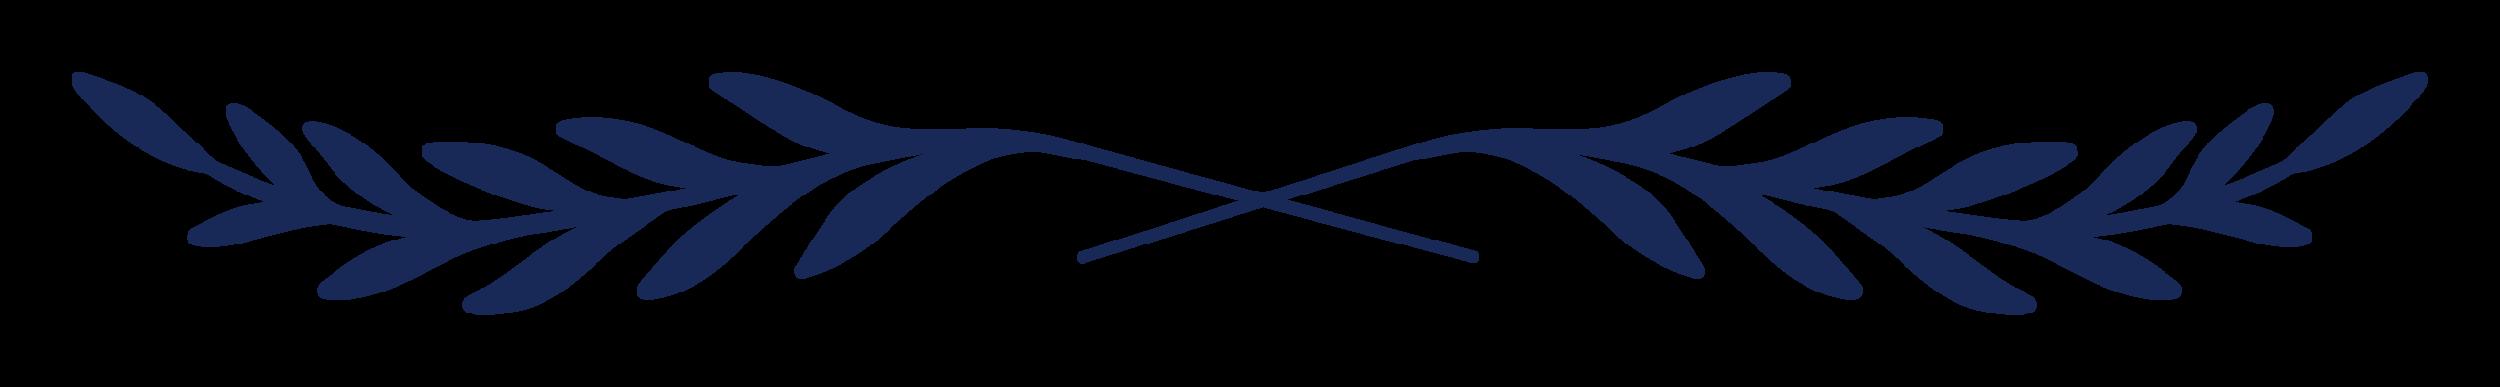 Burkes_logo (Leaves) [281C]_Burkes_Logo (Market) [281C].png